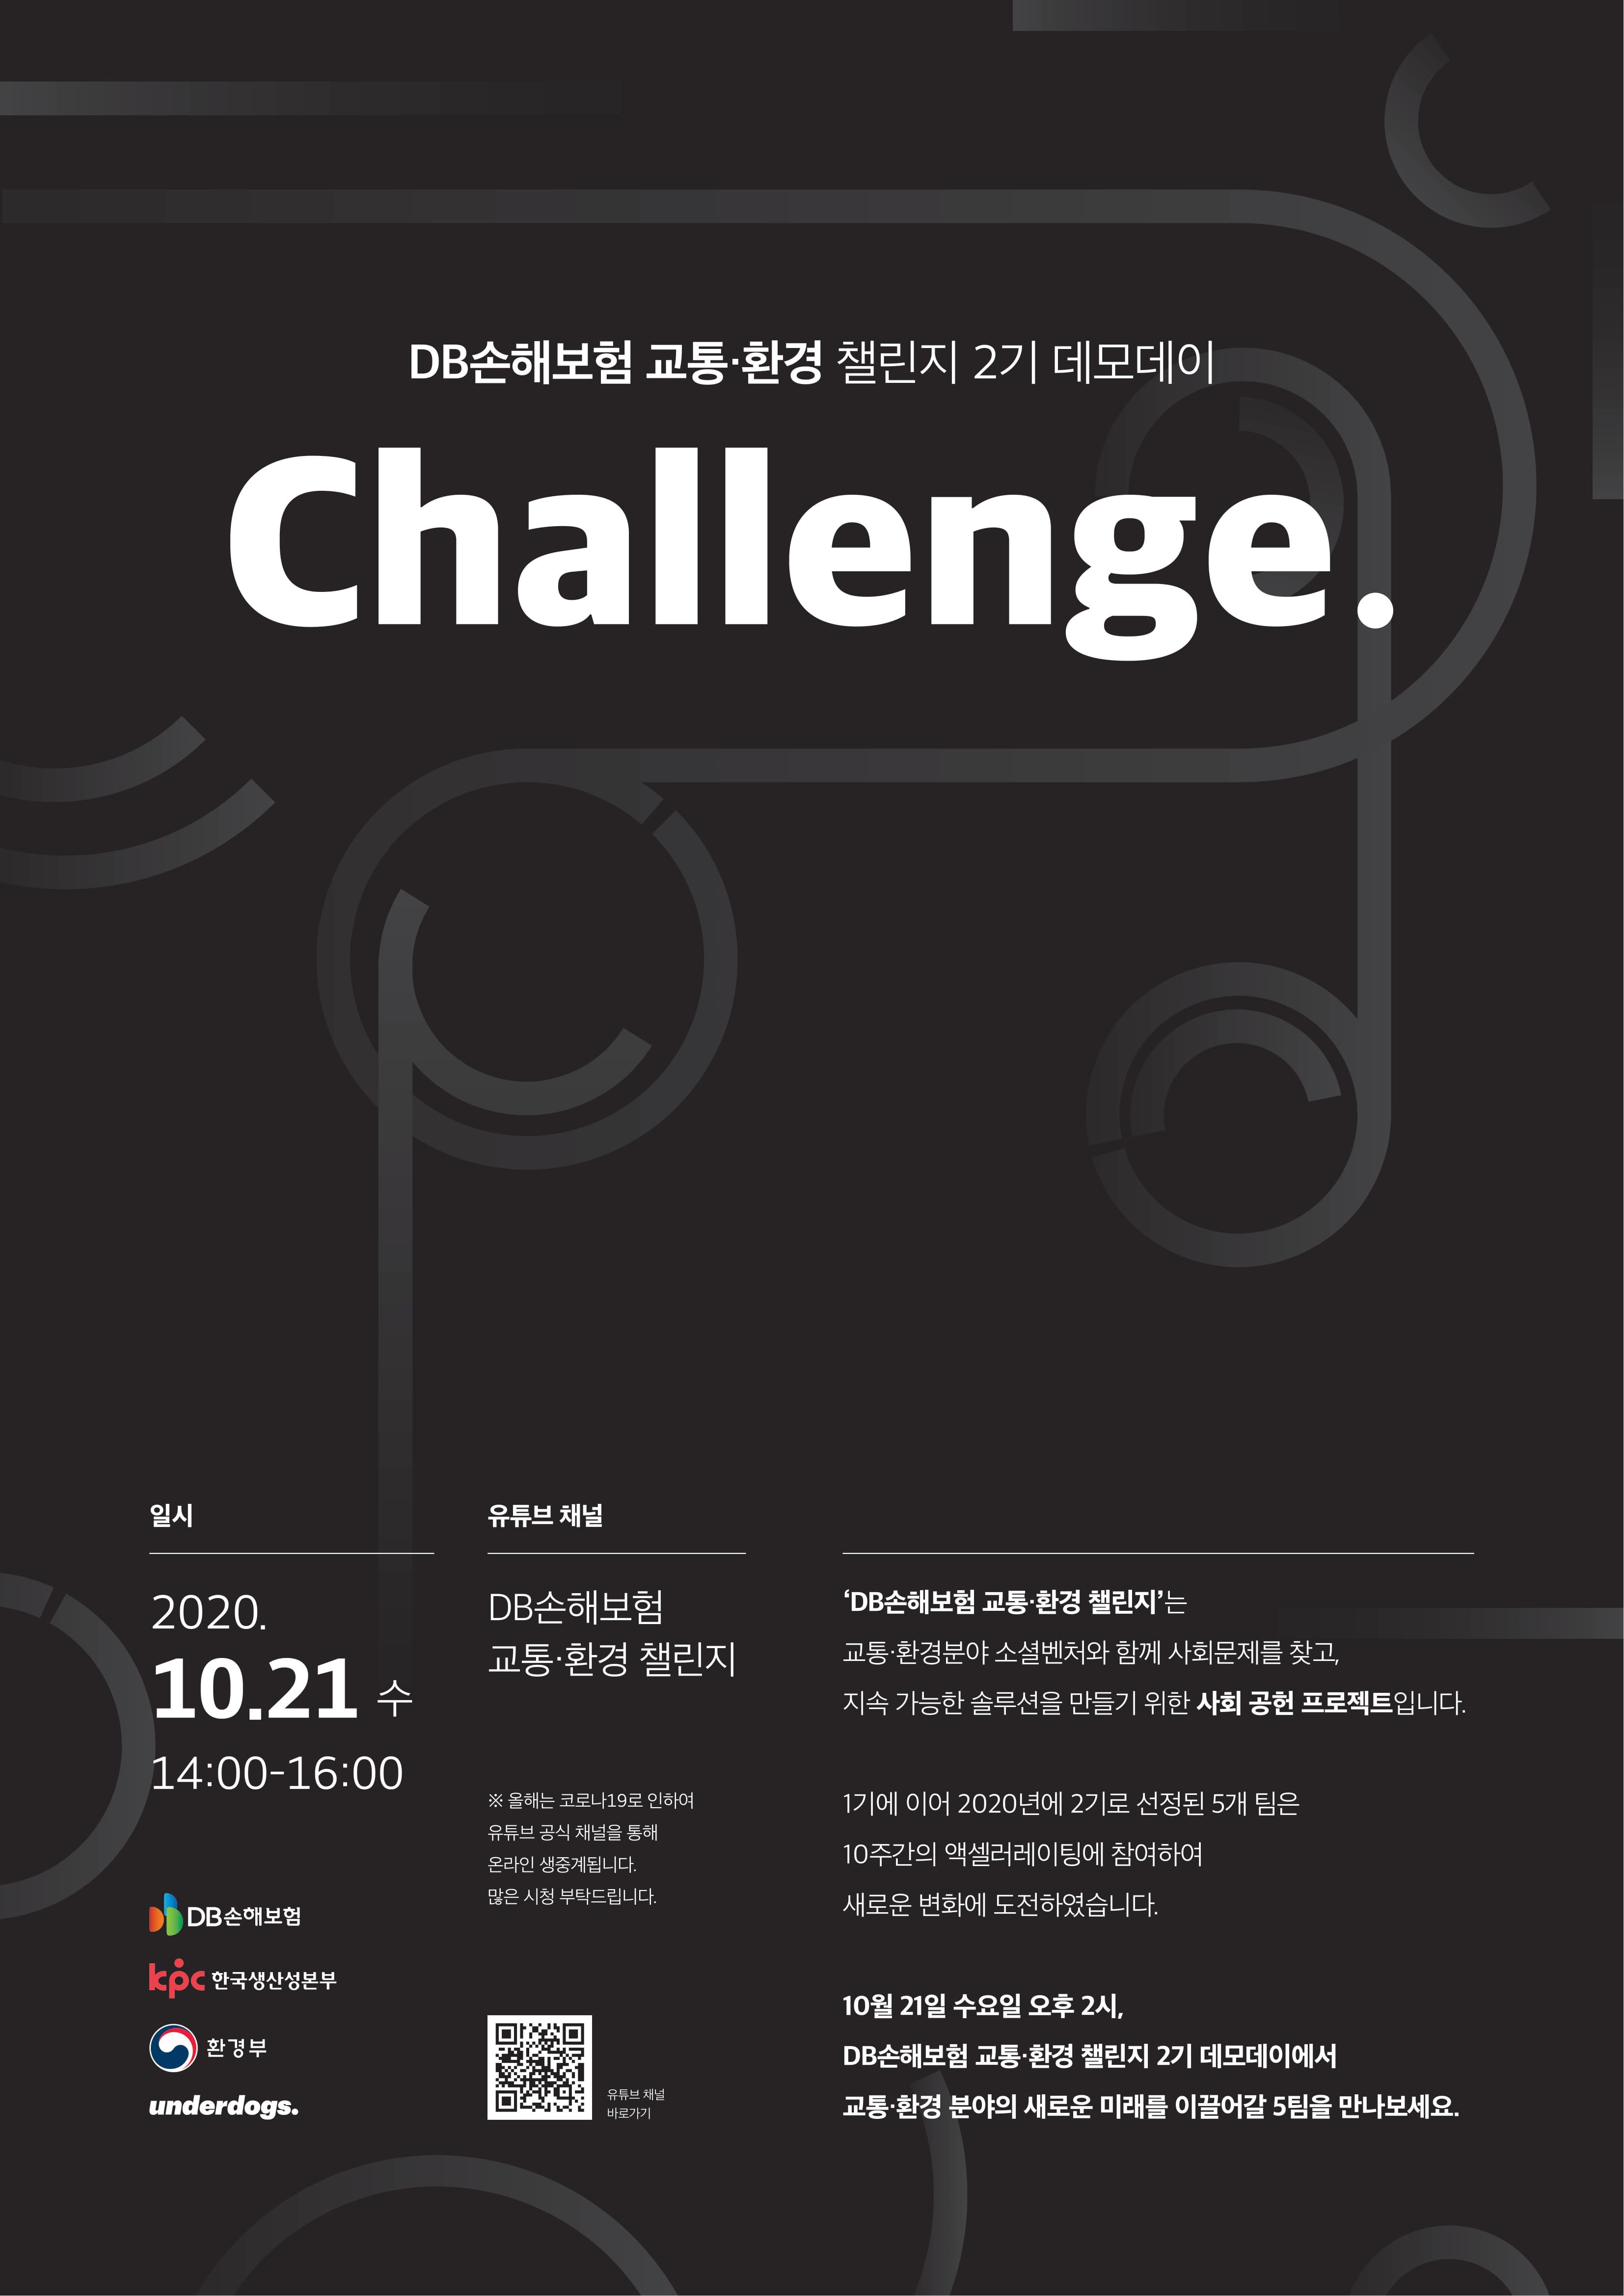 `DB손해보험 교통·환경 챌린지 2기` 온라인 데모데이 개최(10/21)